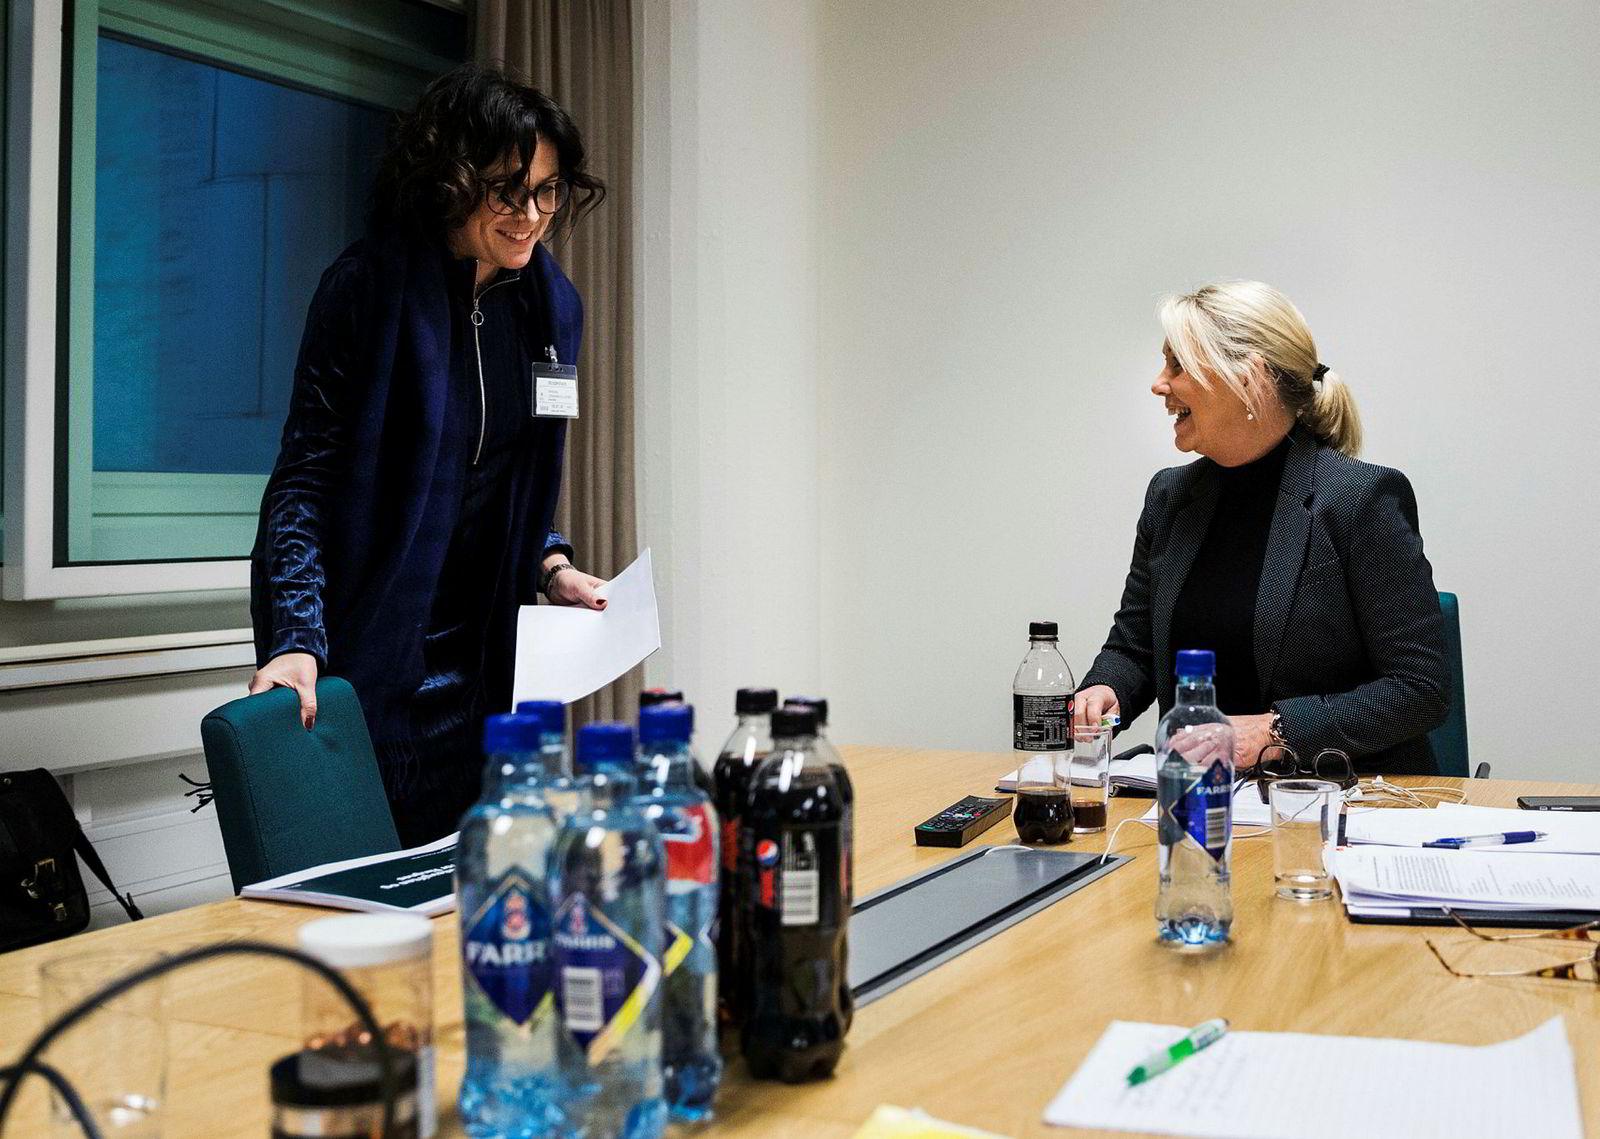 De norske bryggerigigantene fikk møte næringsminister Monica Mæland en etter en i separatmøter. Her får Johanna Ellefsen Rostad fra Ringnes valget mellom Pepsi eller Farris uten tilsetning.